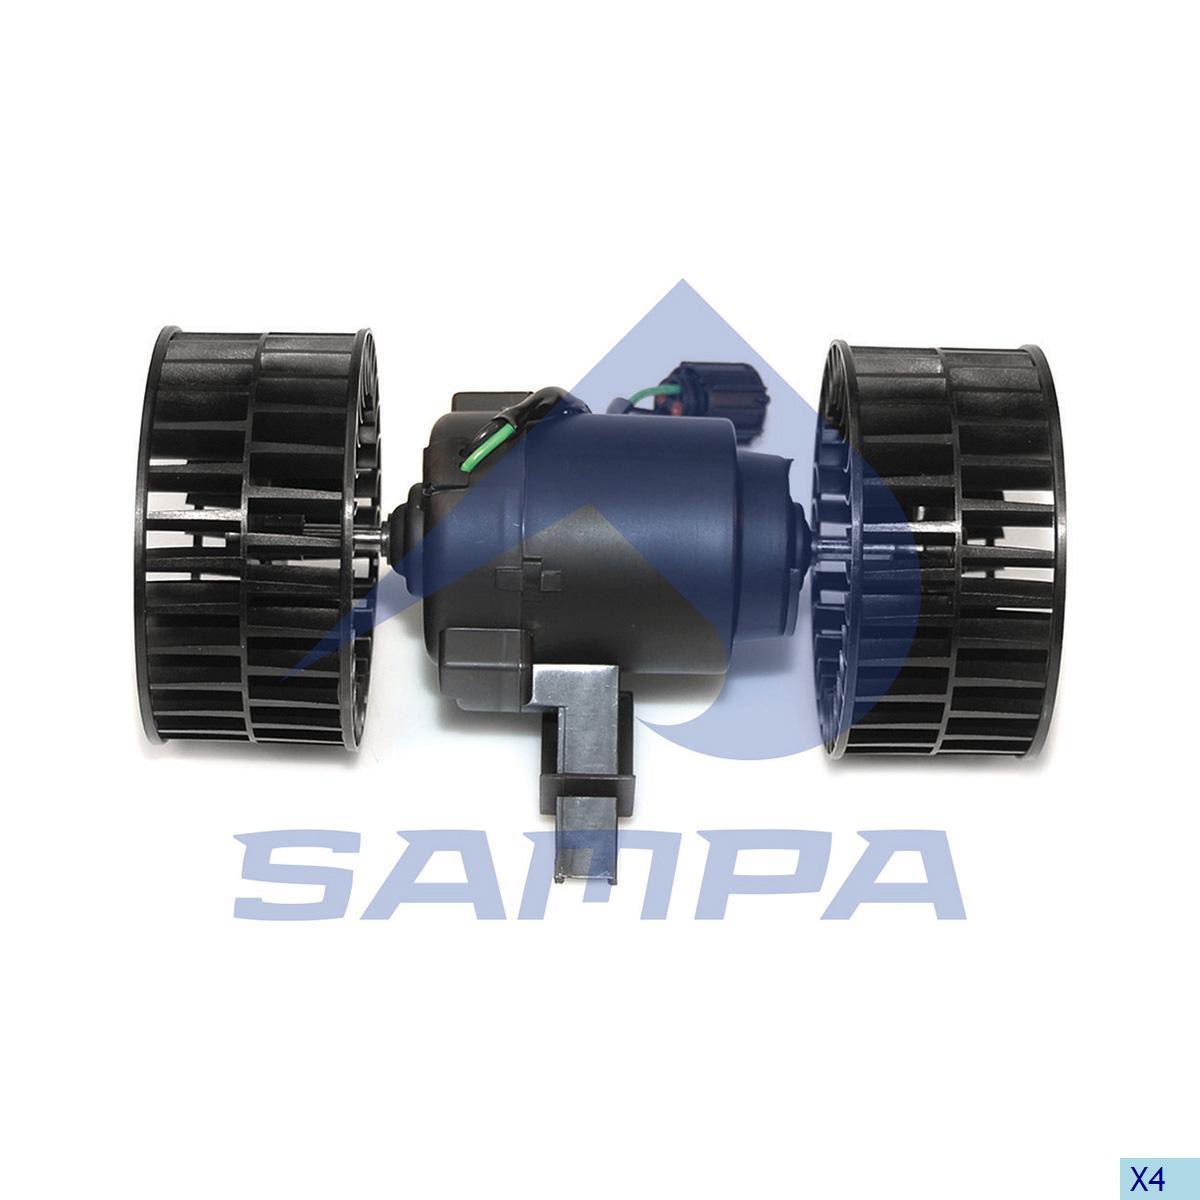 Fan Motor, Cab Heating & Ventilation, Scania, Cab